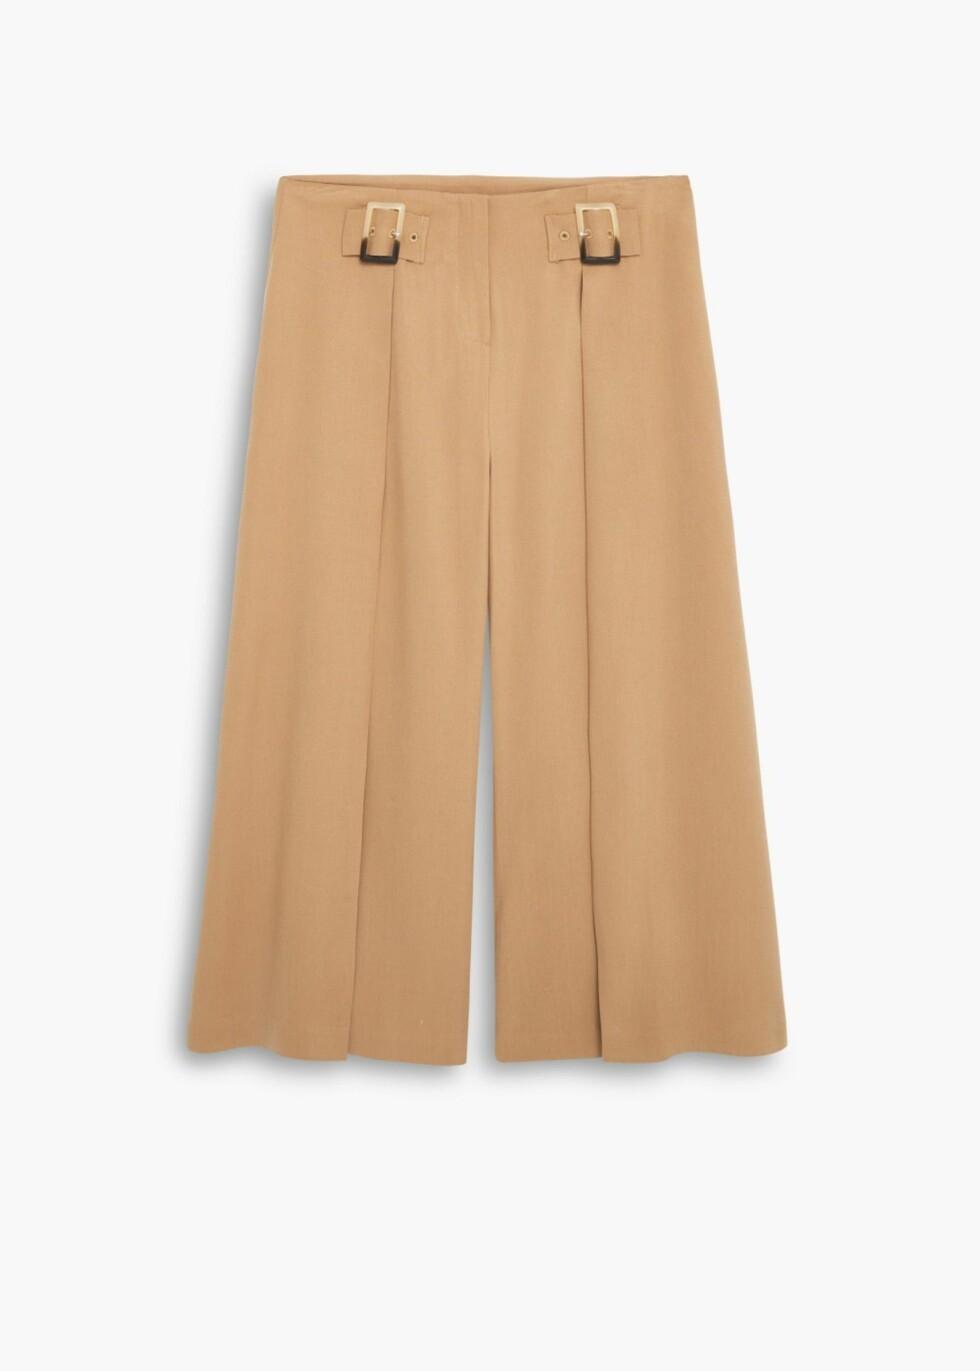 Bukse fra Mango, kr 399. Foto: Produsenten